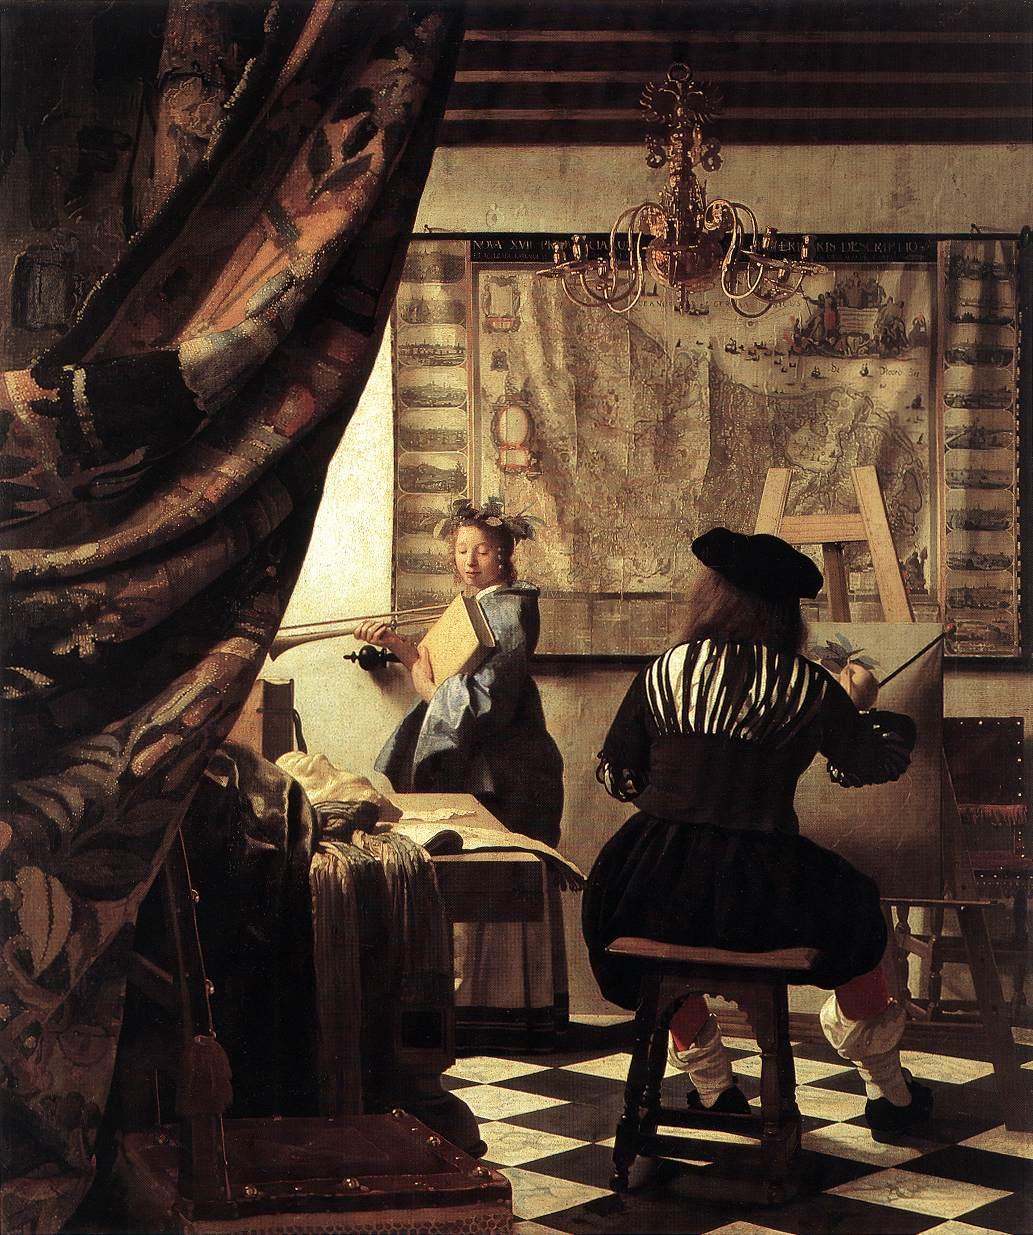 Hollenskt barokk – Listin að lýsa